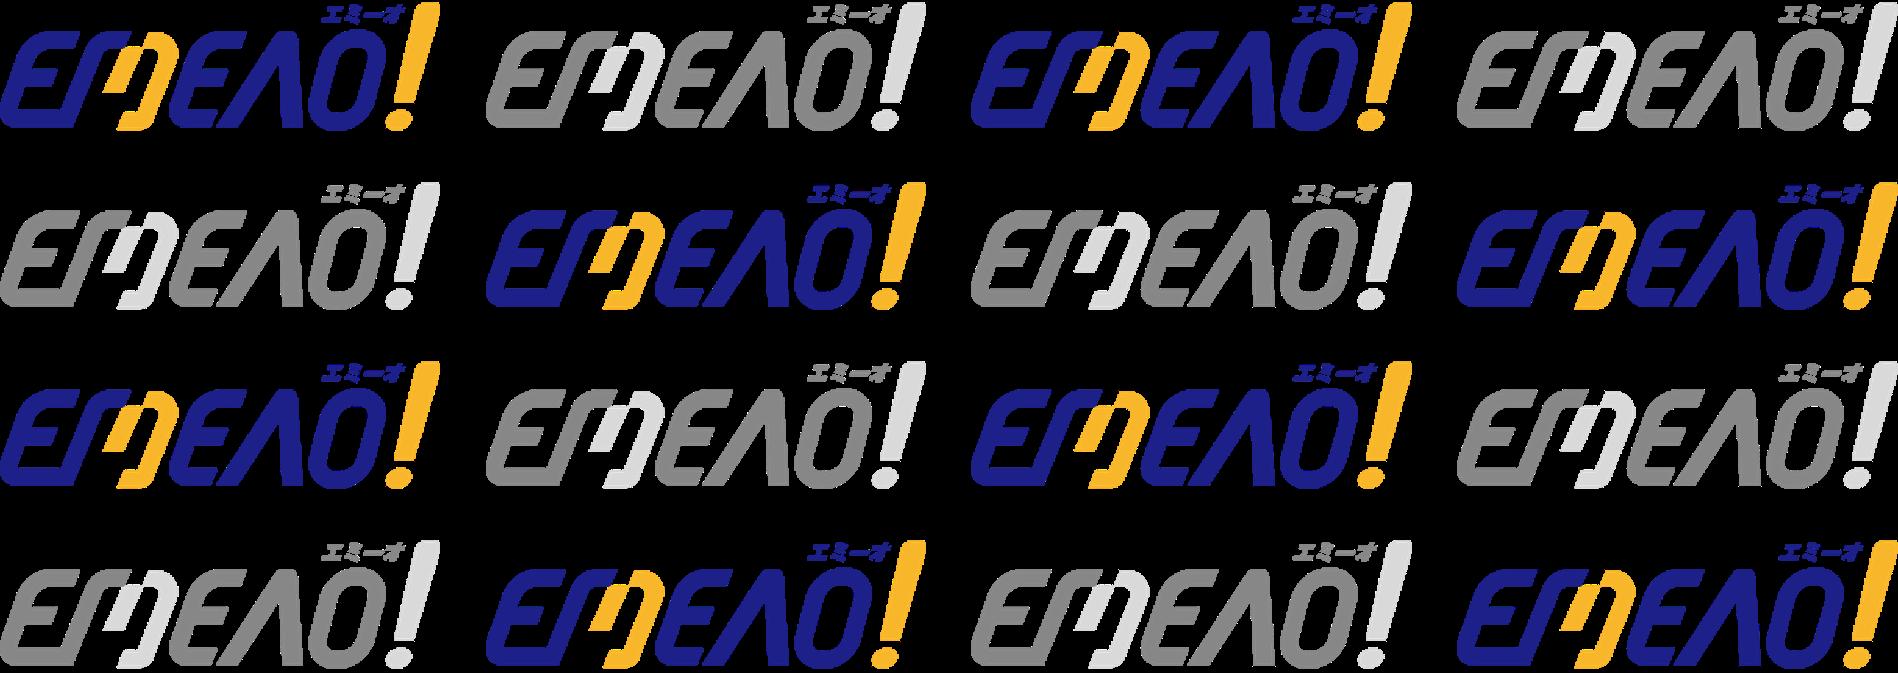 ロゴ集サンプル